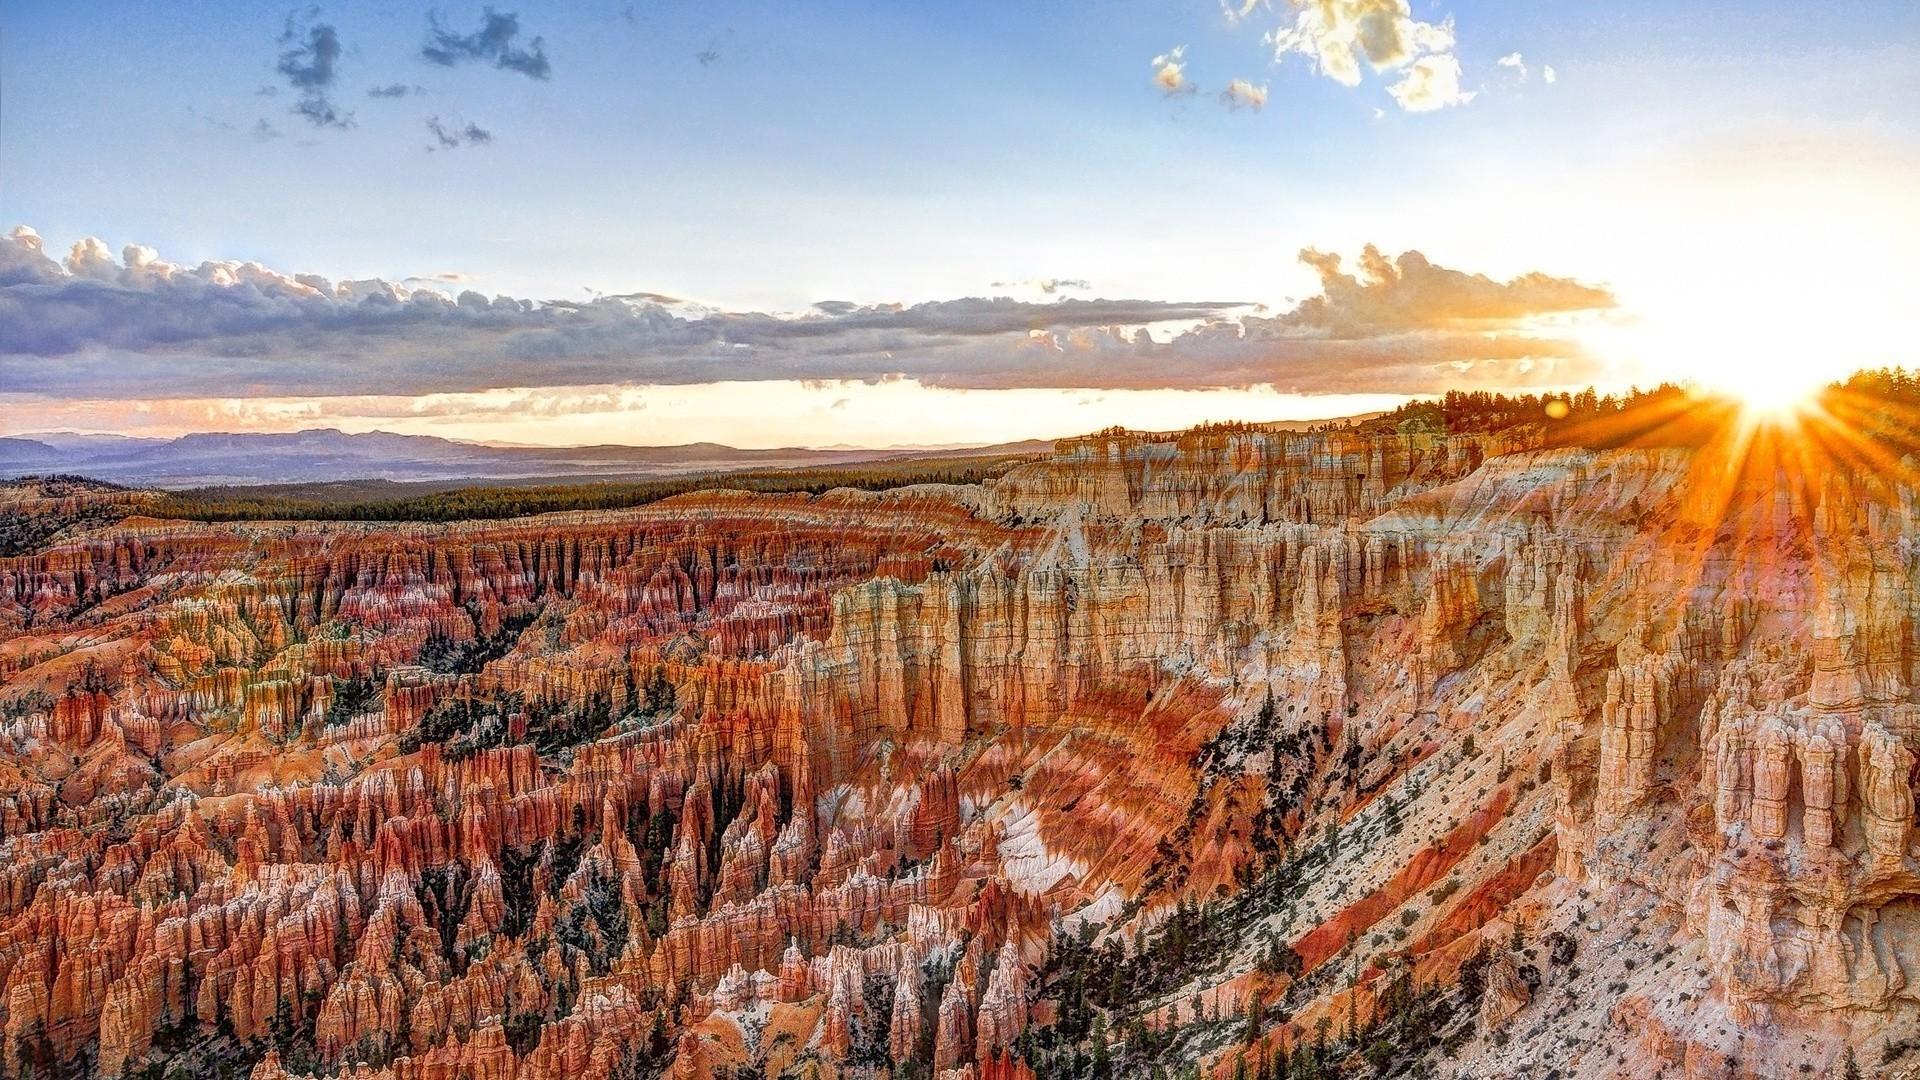 Utah hd wallpaper download